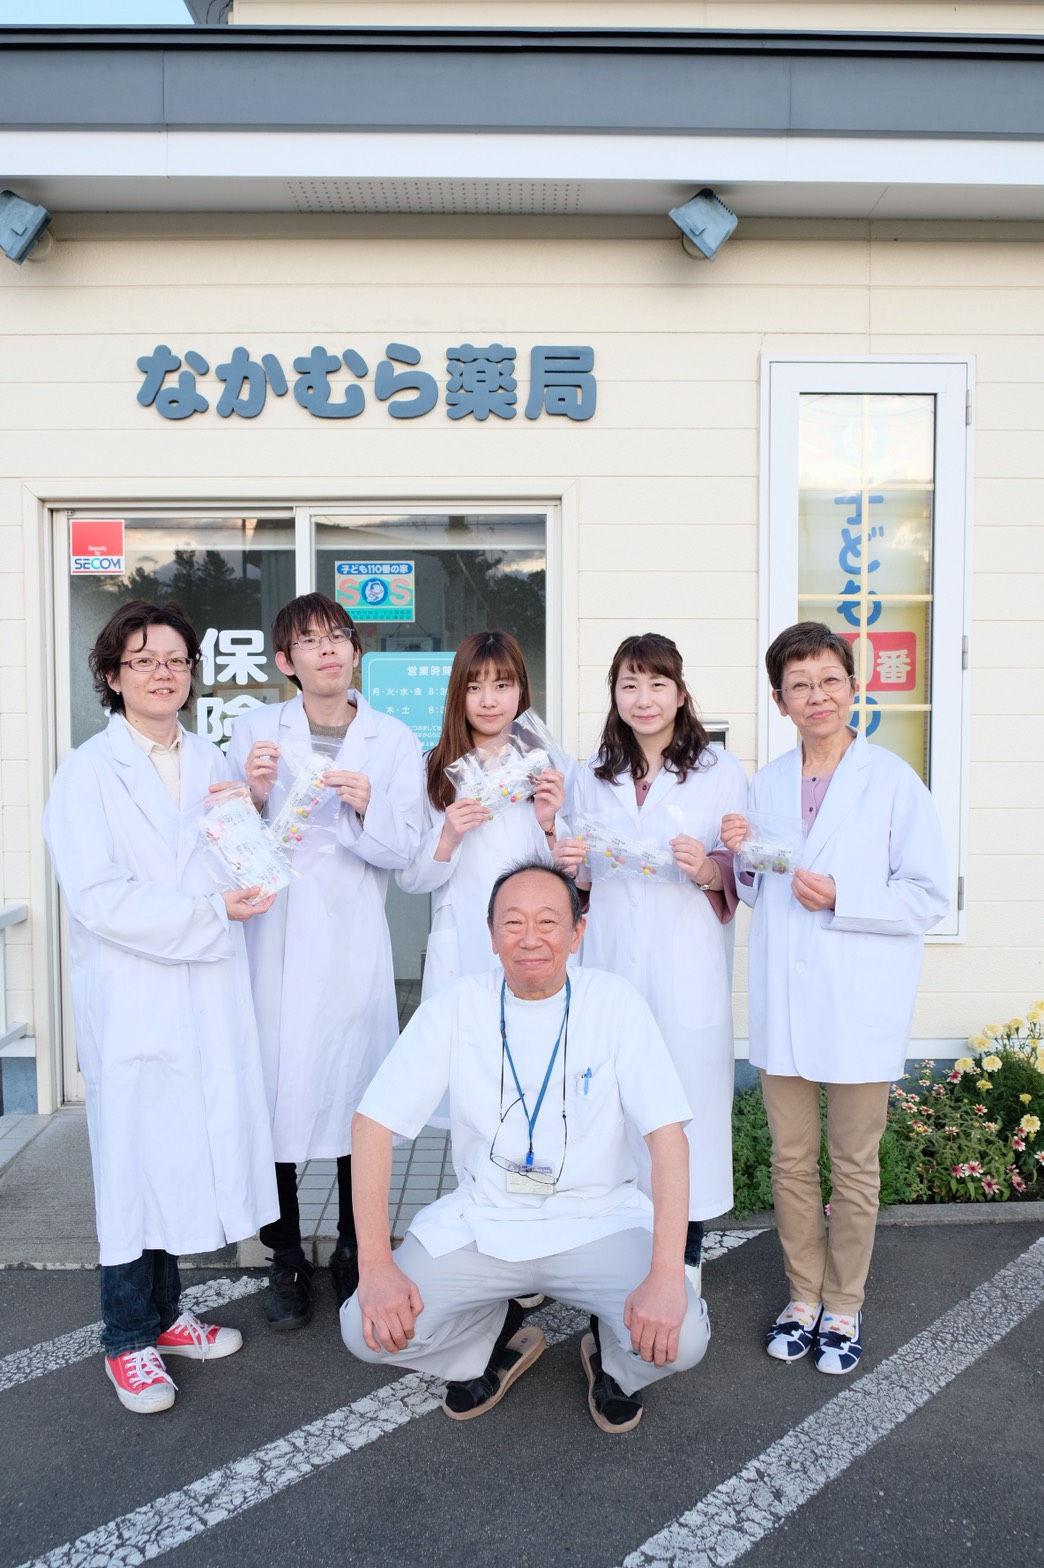 医療ケア委員会研修に行ってきました(*^-^*)